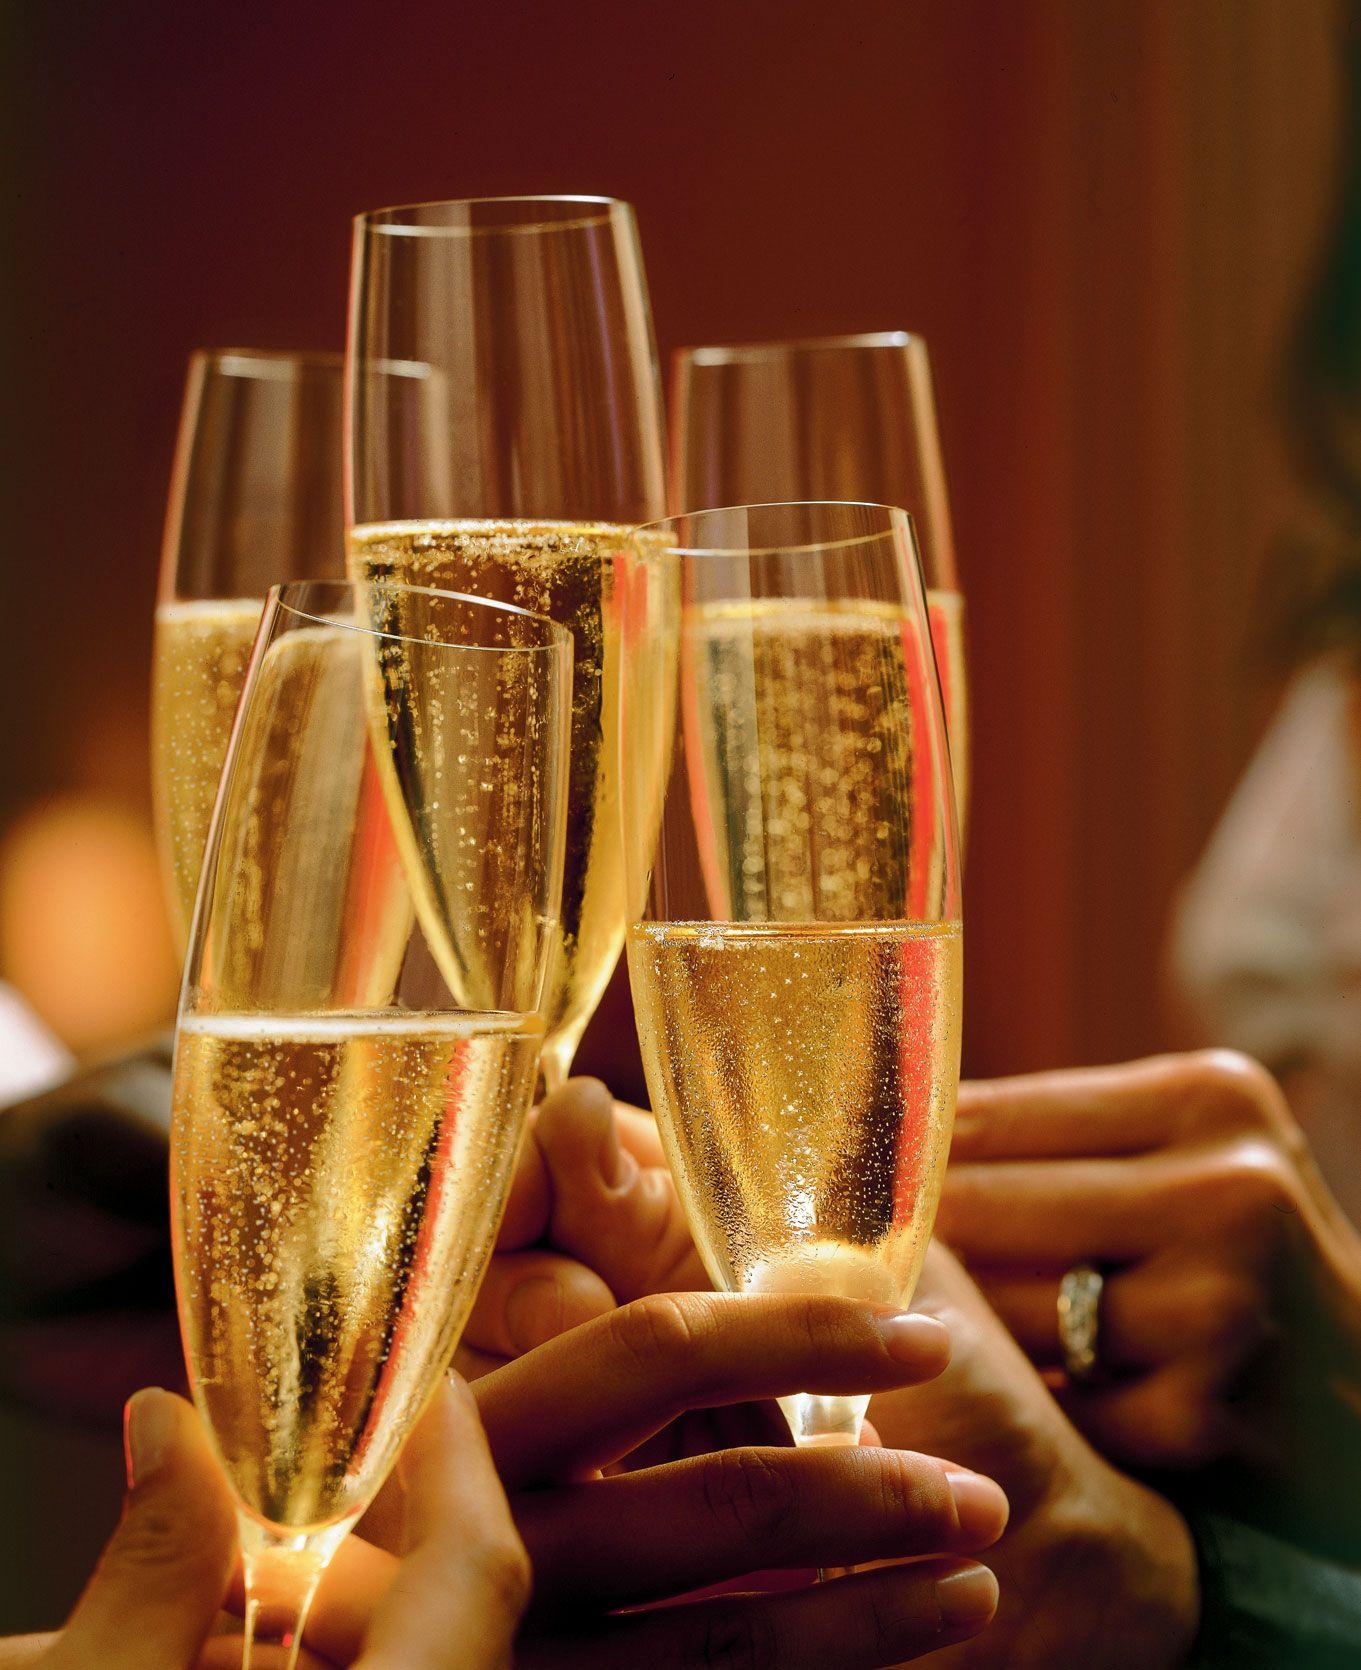 Открытка с фужерами с шампанским, картинки для рабочего